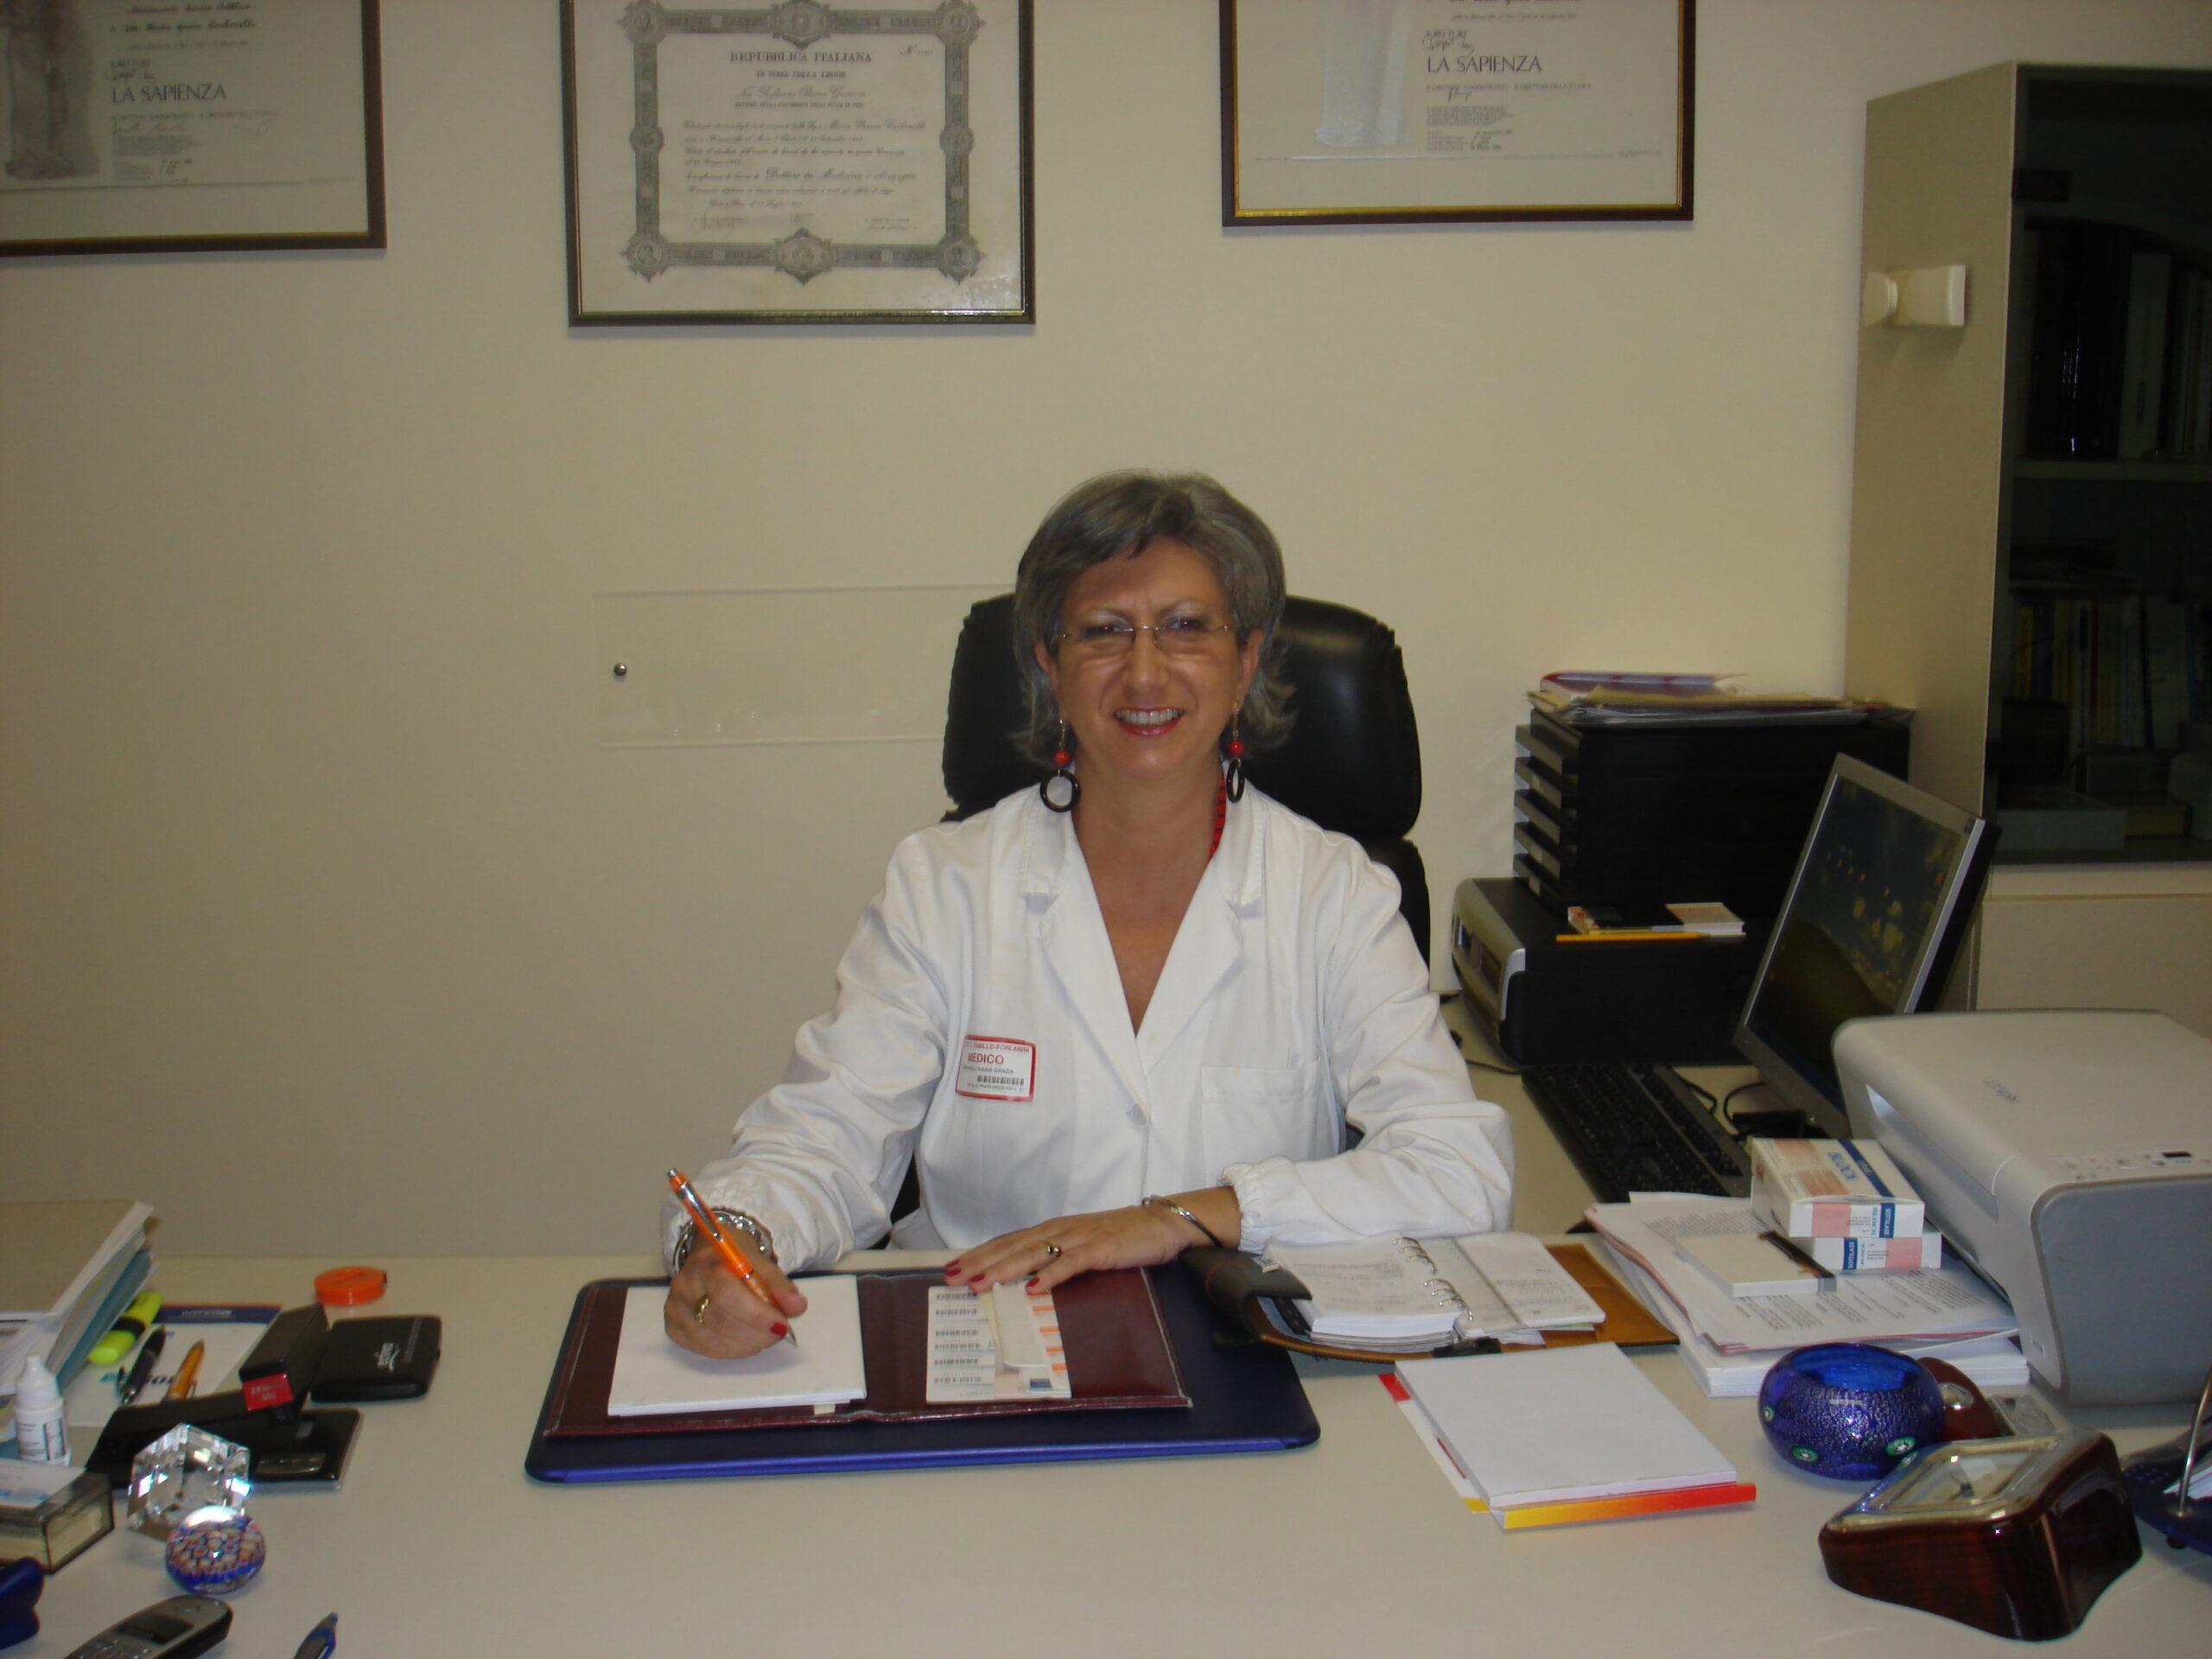 """Alimentazione e sani stili di vita – Intervista alla Dott.ssa Maria Grazia Carbonelli, Dirigente  Medico dell""""Ospedale San Camillo Forlanini"""